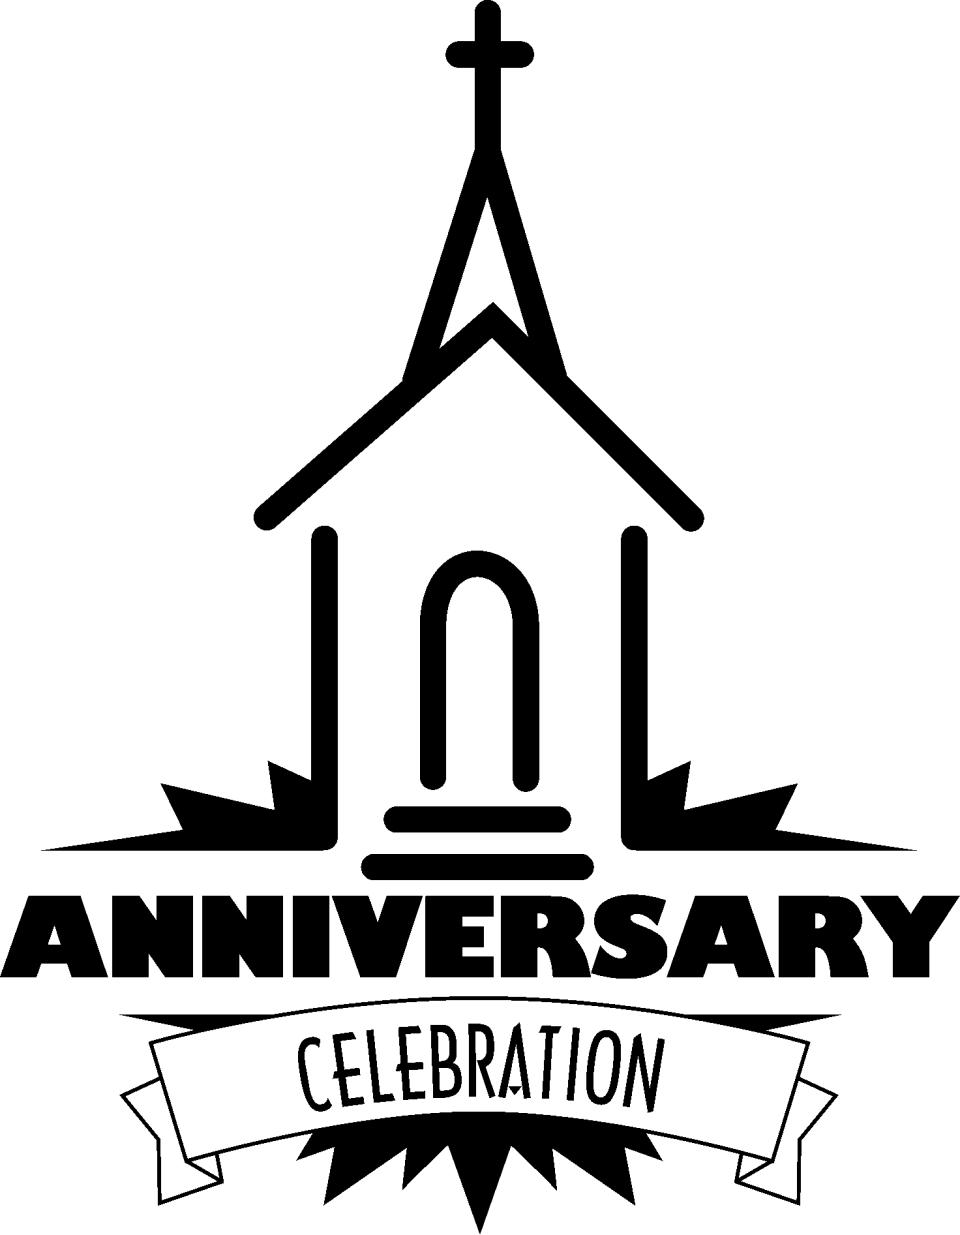 Anniversary clipart church, Anniversary church Transparent.